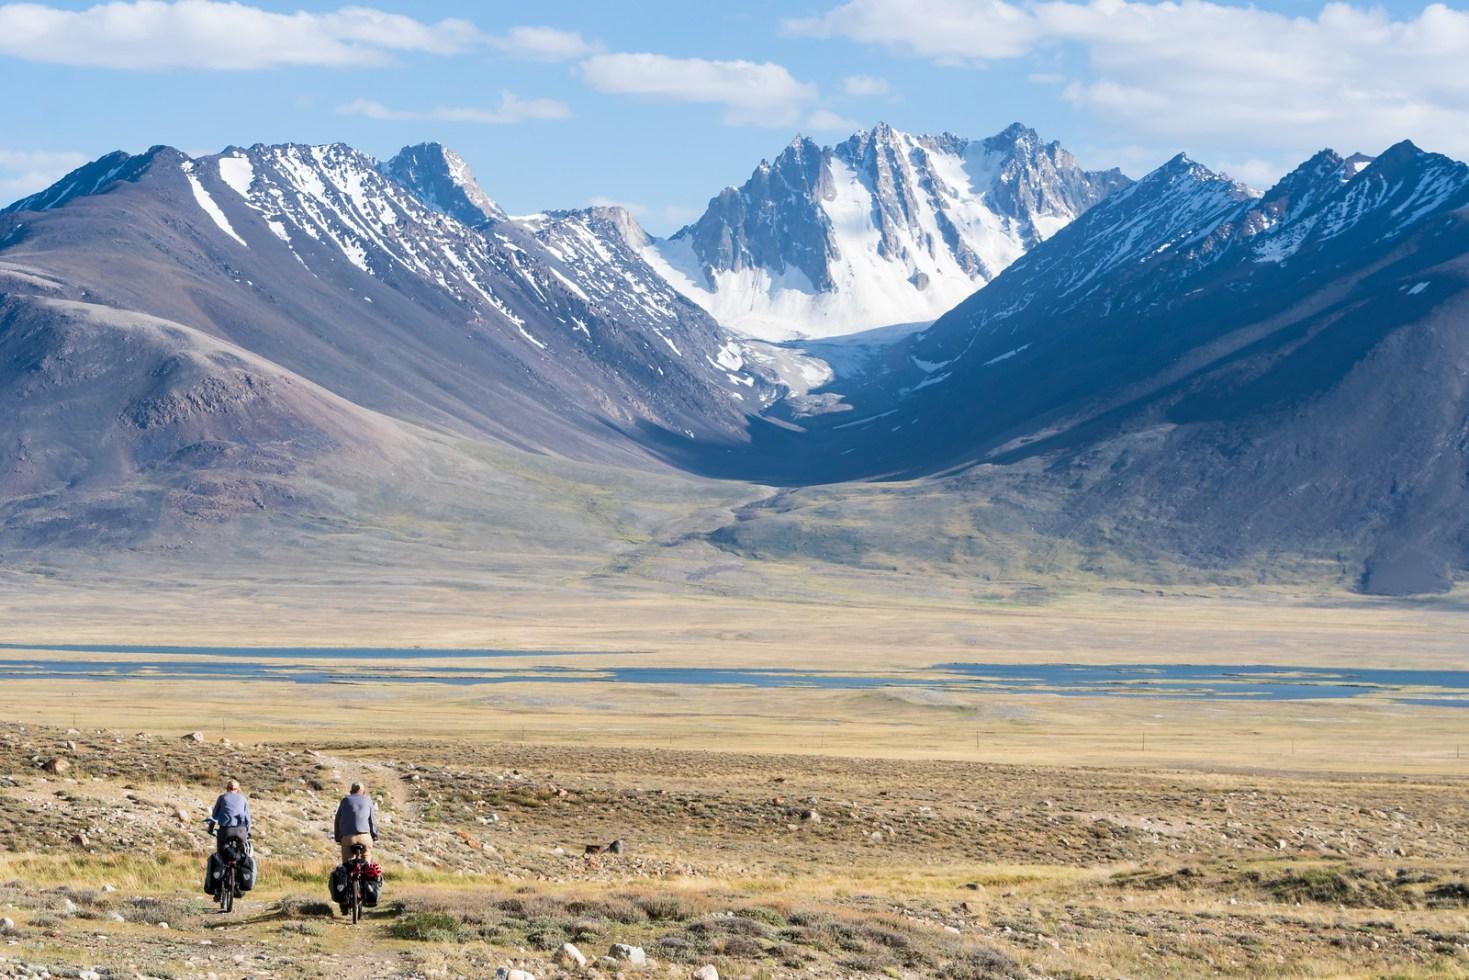 Monumental mountain